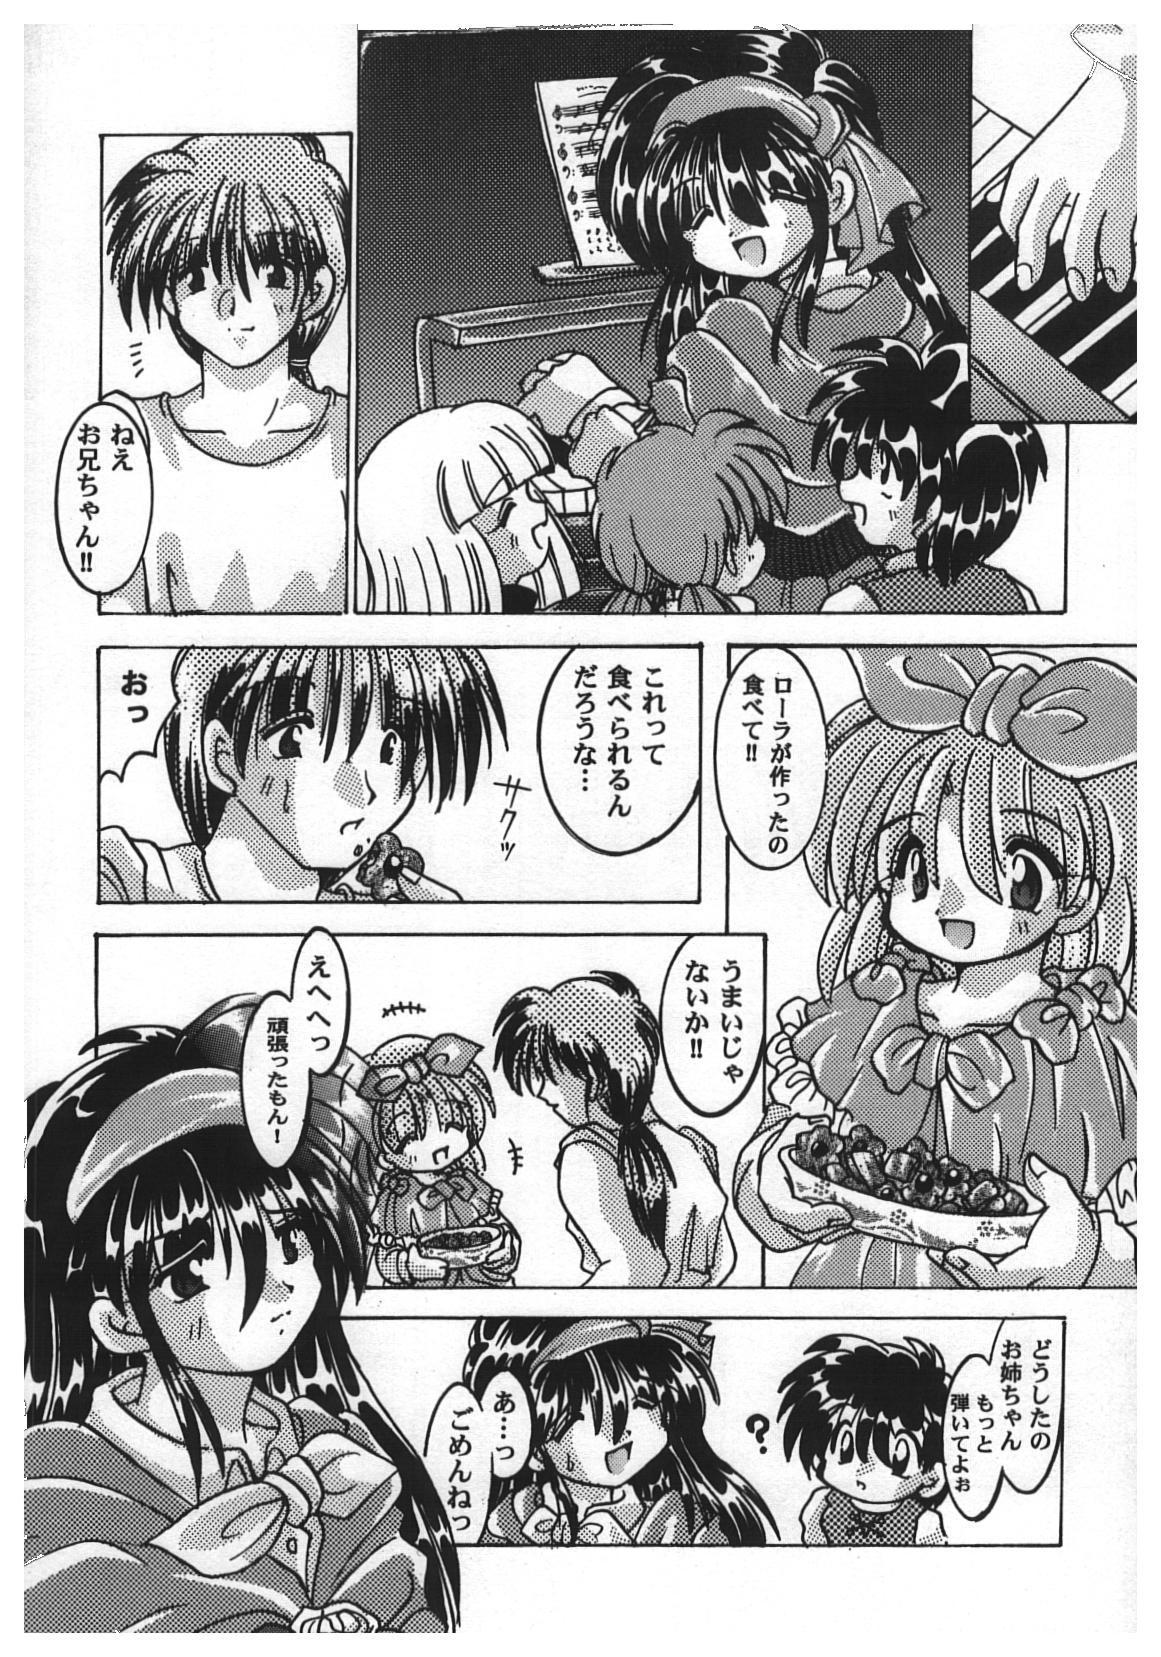 Girl's Parade 2000 5 85